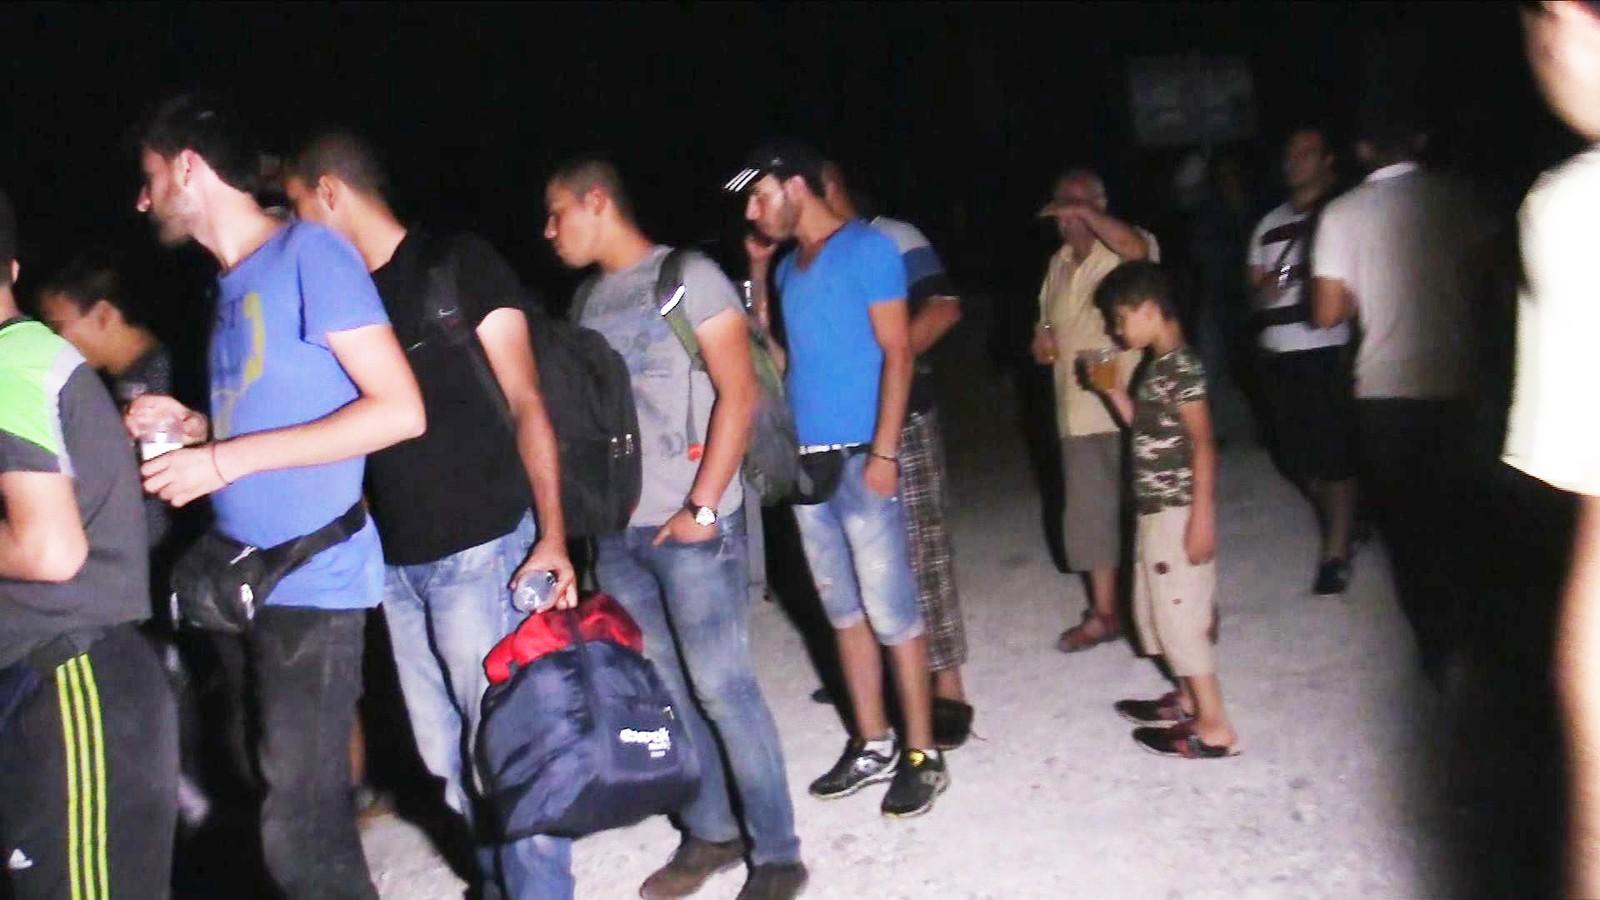 Flyktninger i kø for å få hjelp.